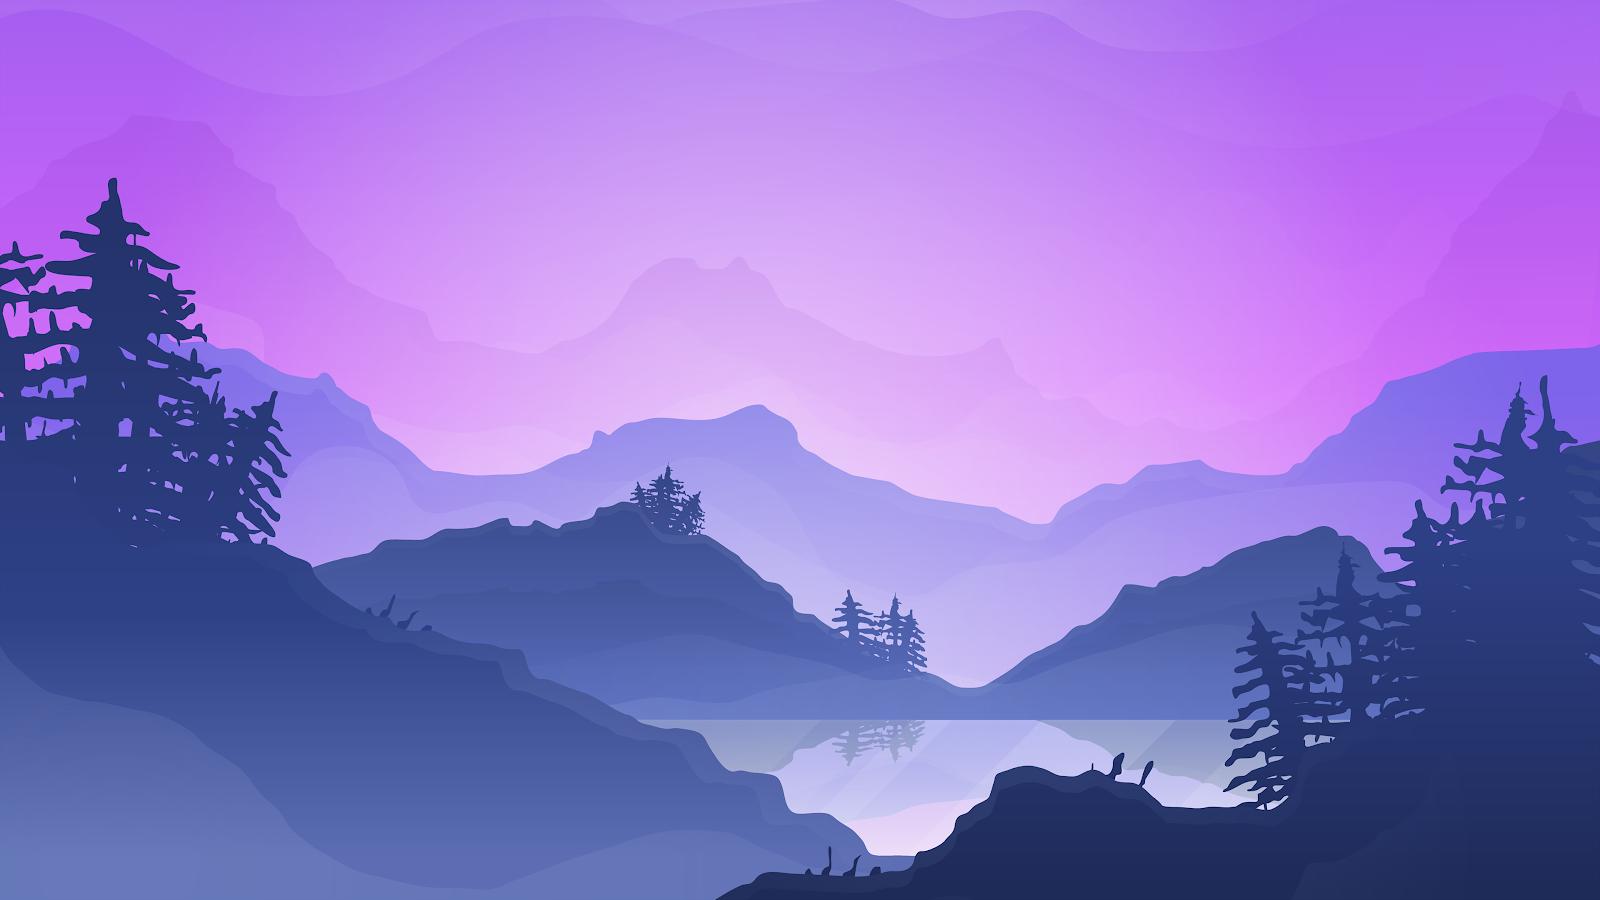 Desktop Wallpaper In 4k Landscape Cool Wallpapers Heroscreen Cc In 2020 Landscape Background Mountain Landscape Vector Free